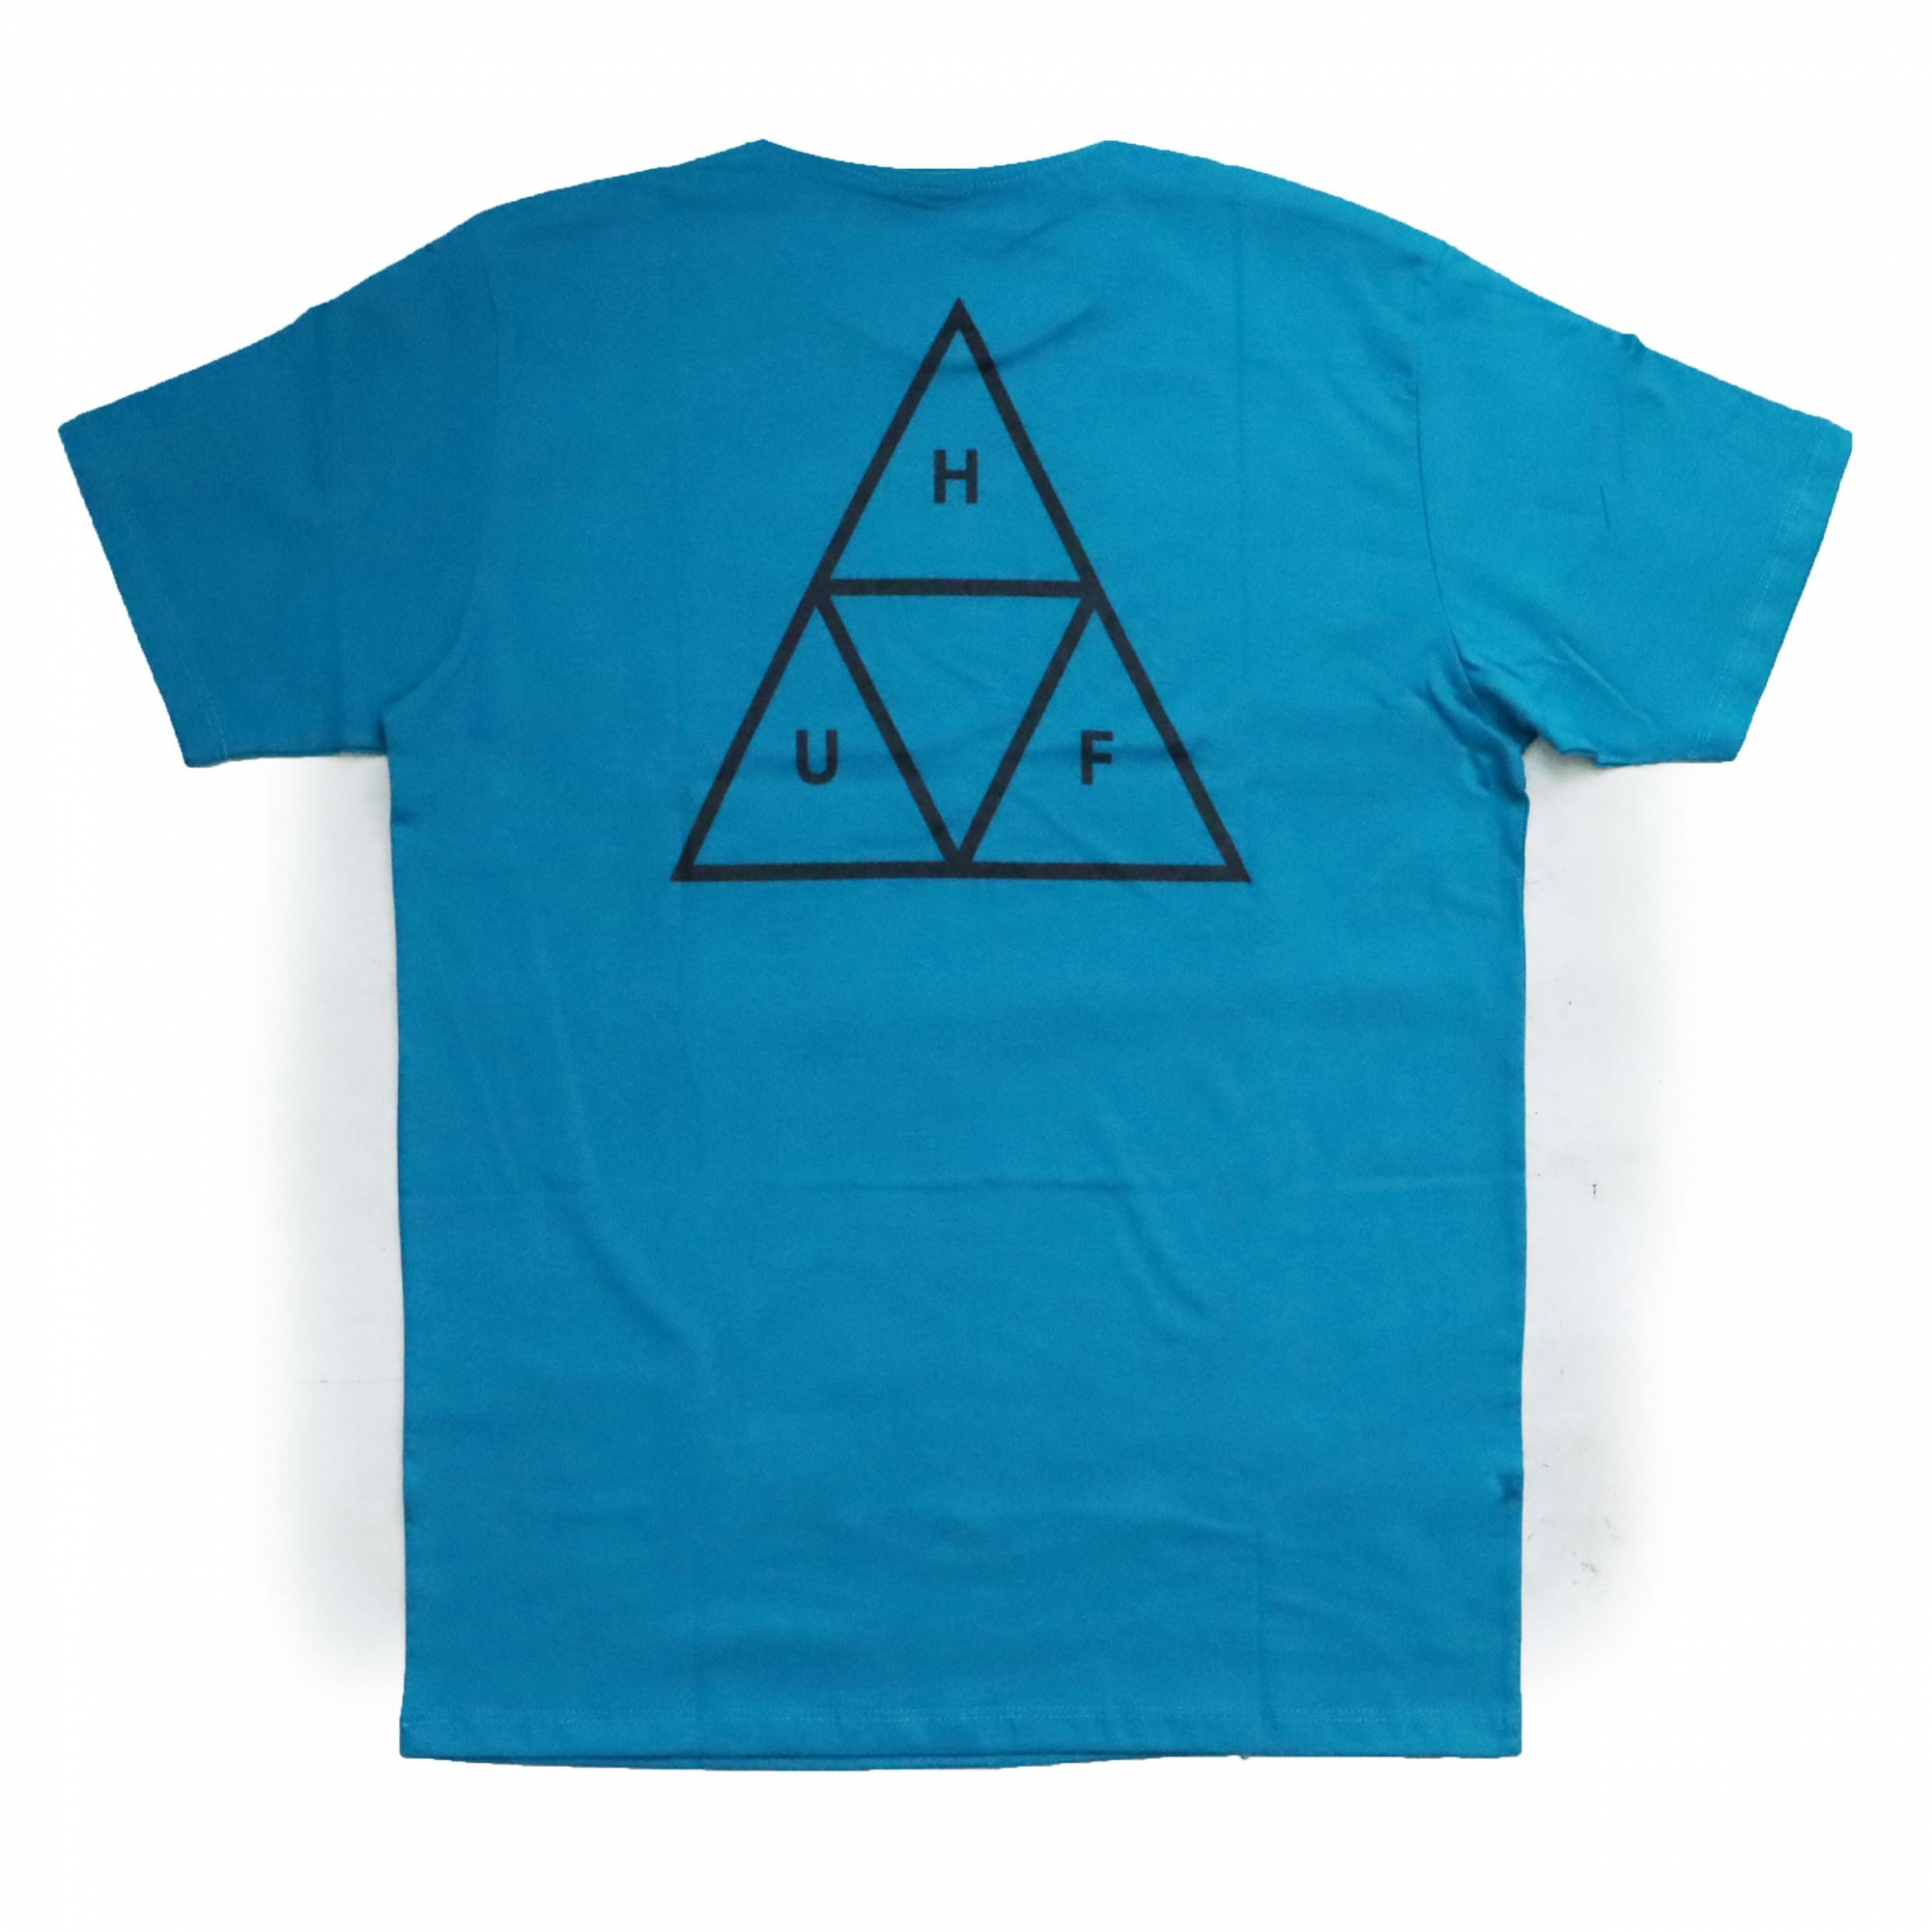 Camiseta HUF Essentials TT  - Azul Turqueza